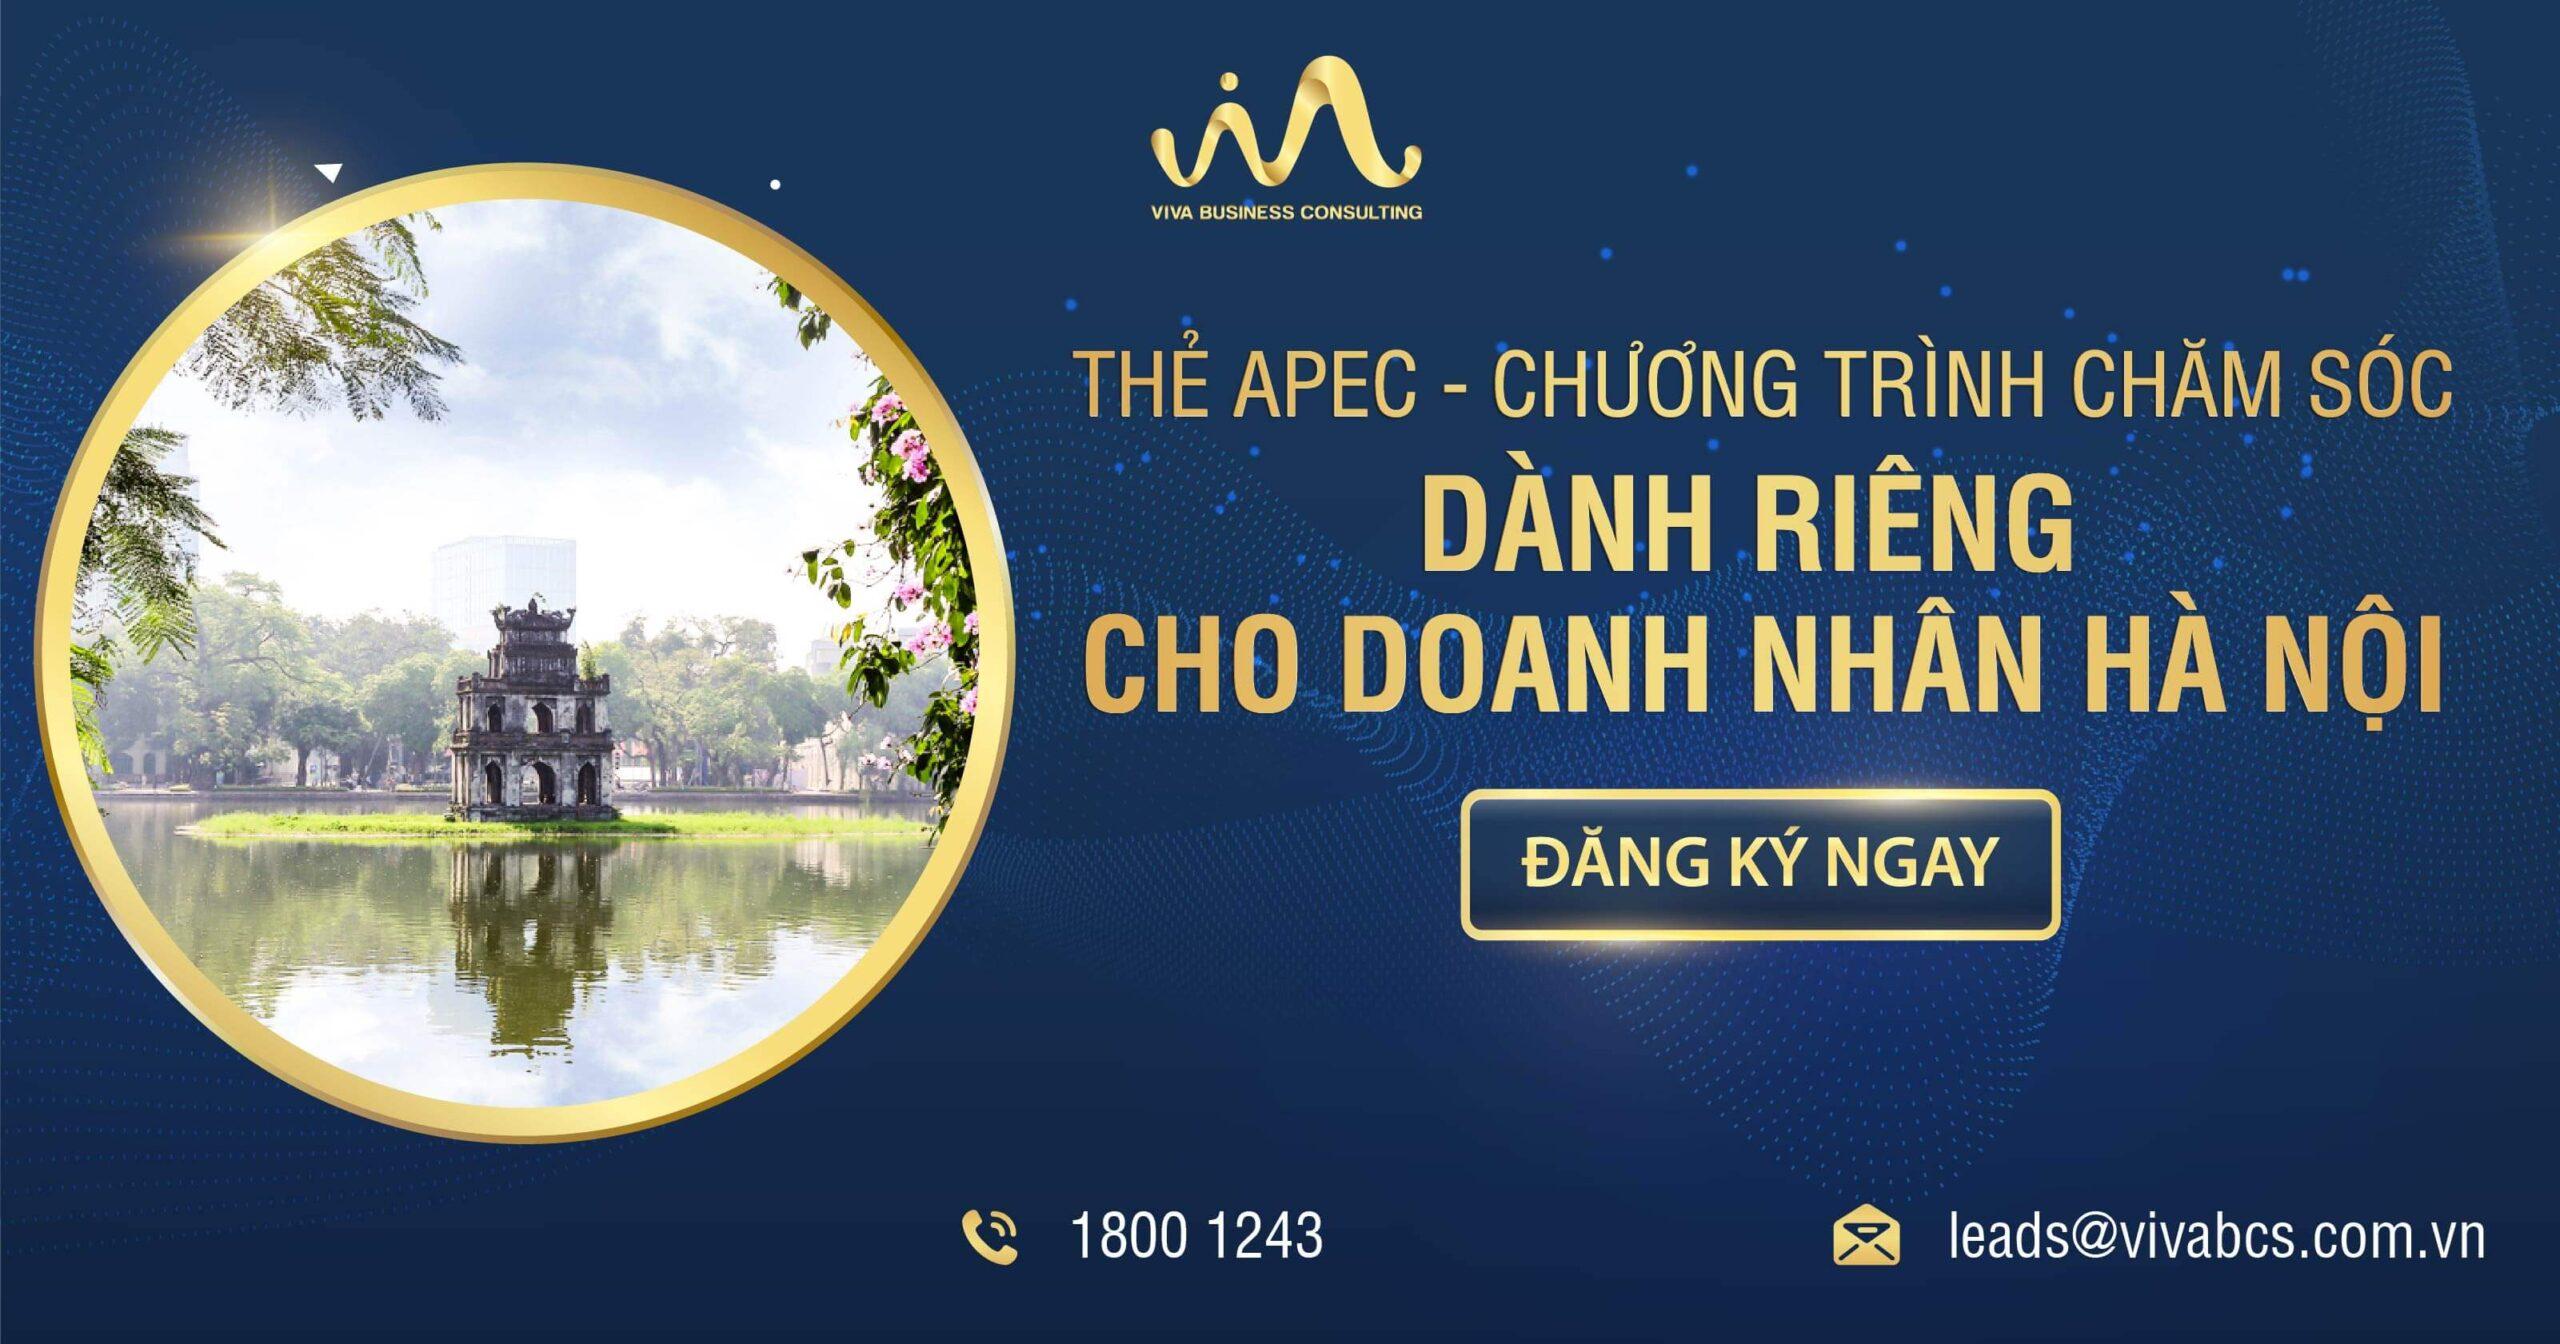 Thẻ APEC cùng doanh nhân Hà Nội